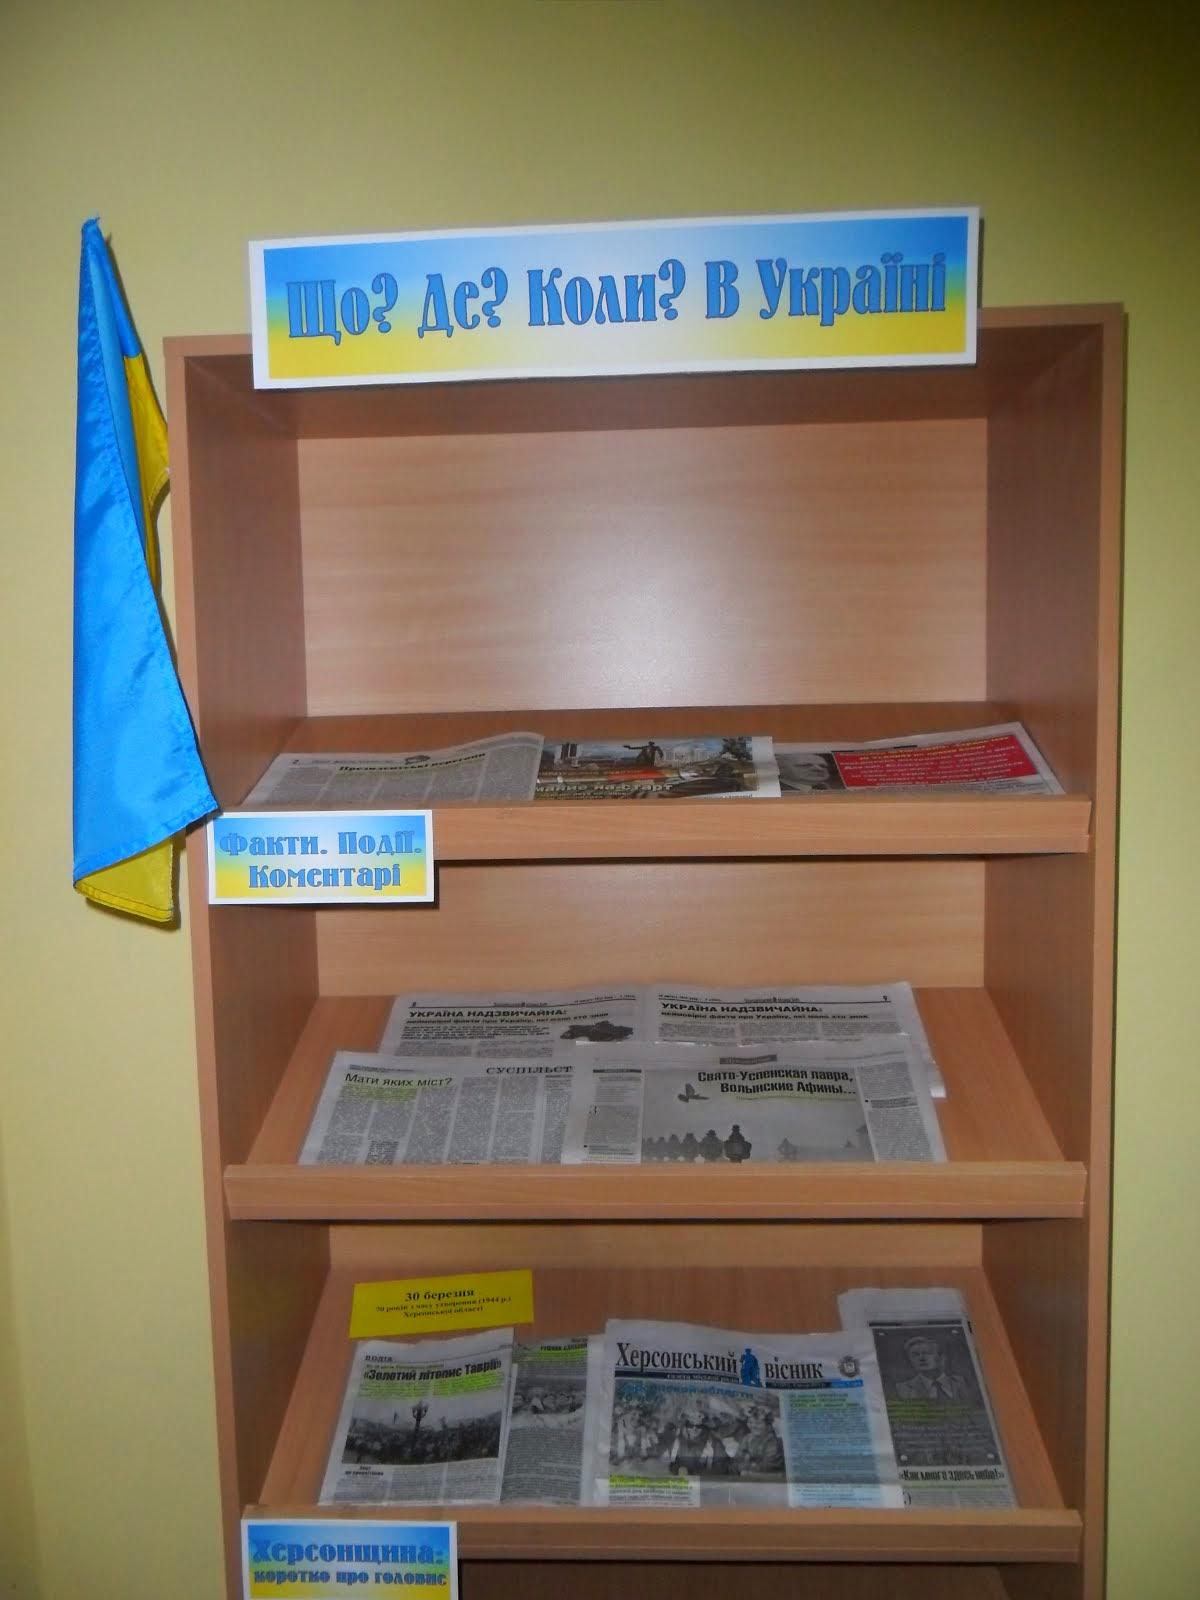 Інформаційний стенд по матеріалам періодичних видань